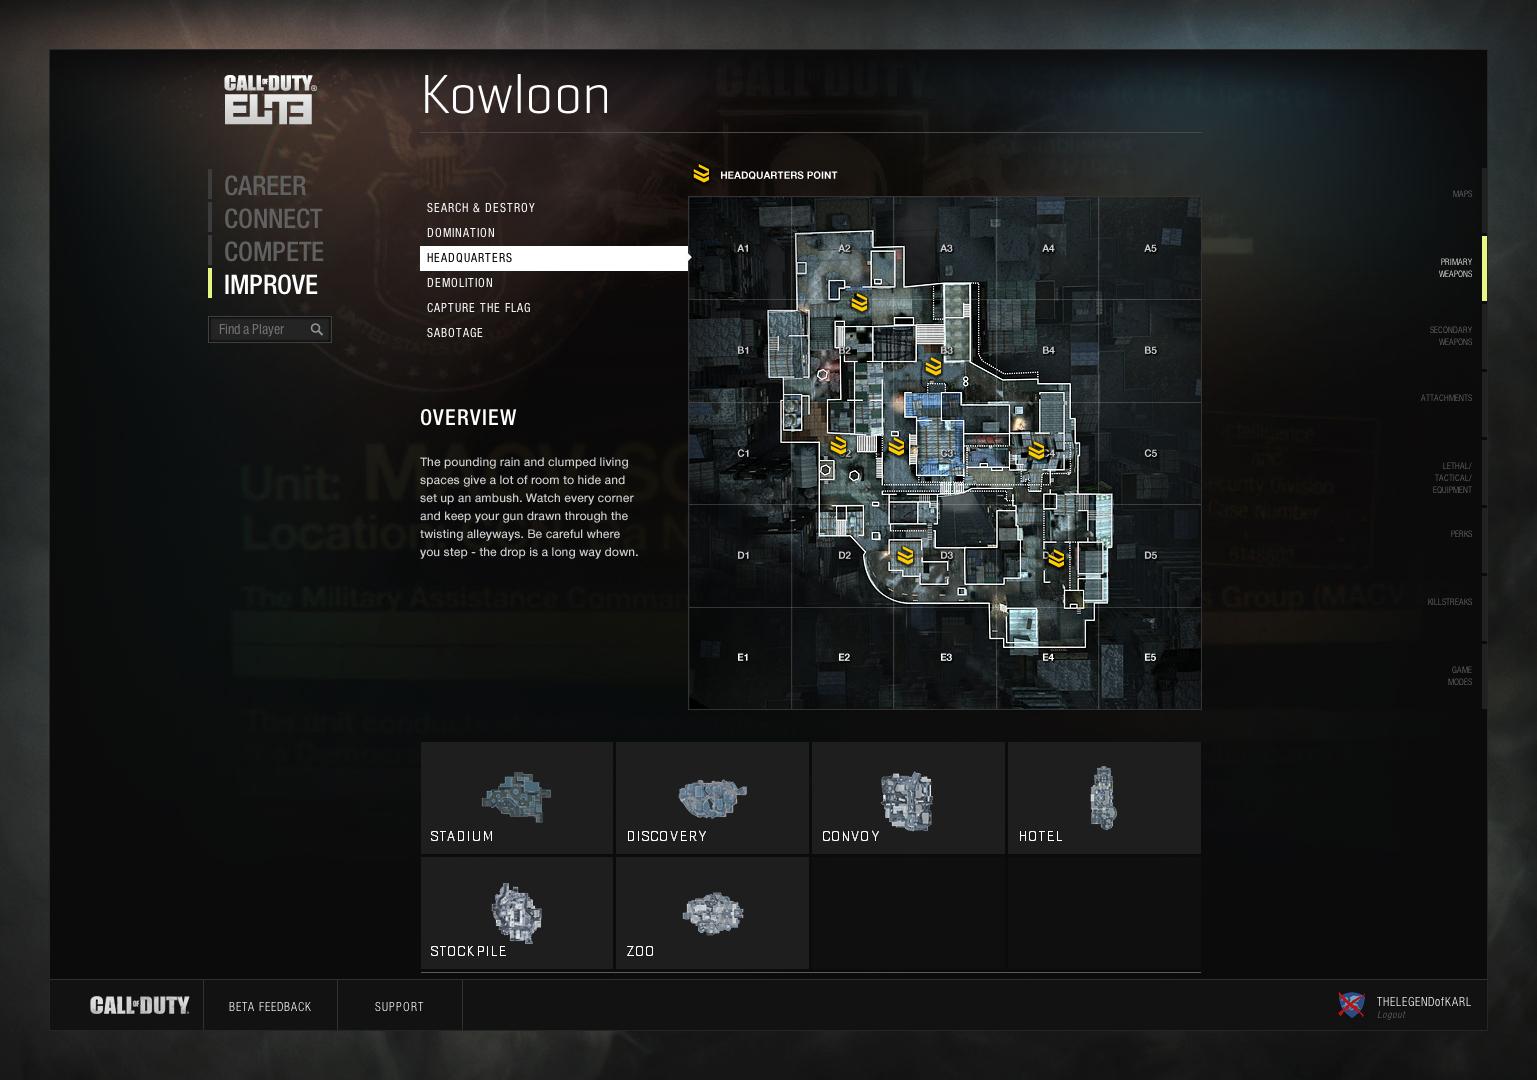 Call of Duty: Elite – jako bychom to už někde viděli 42653